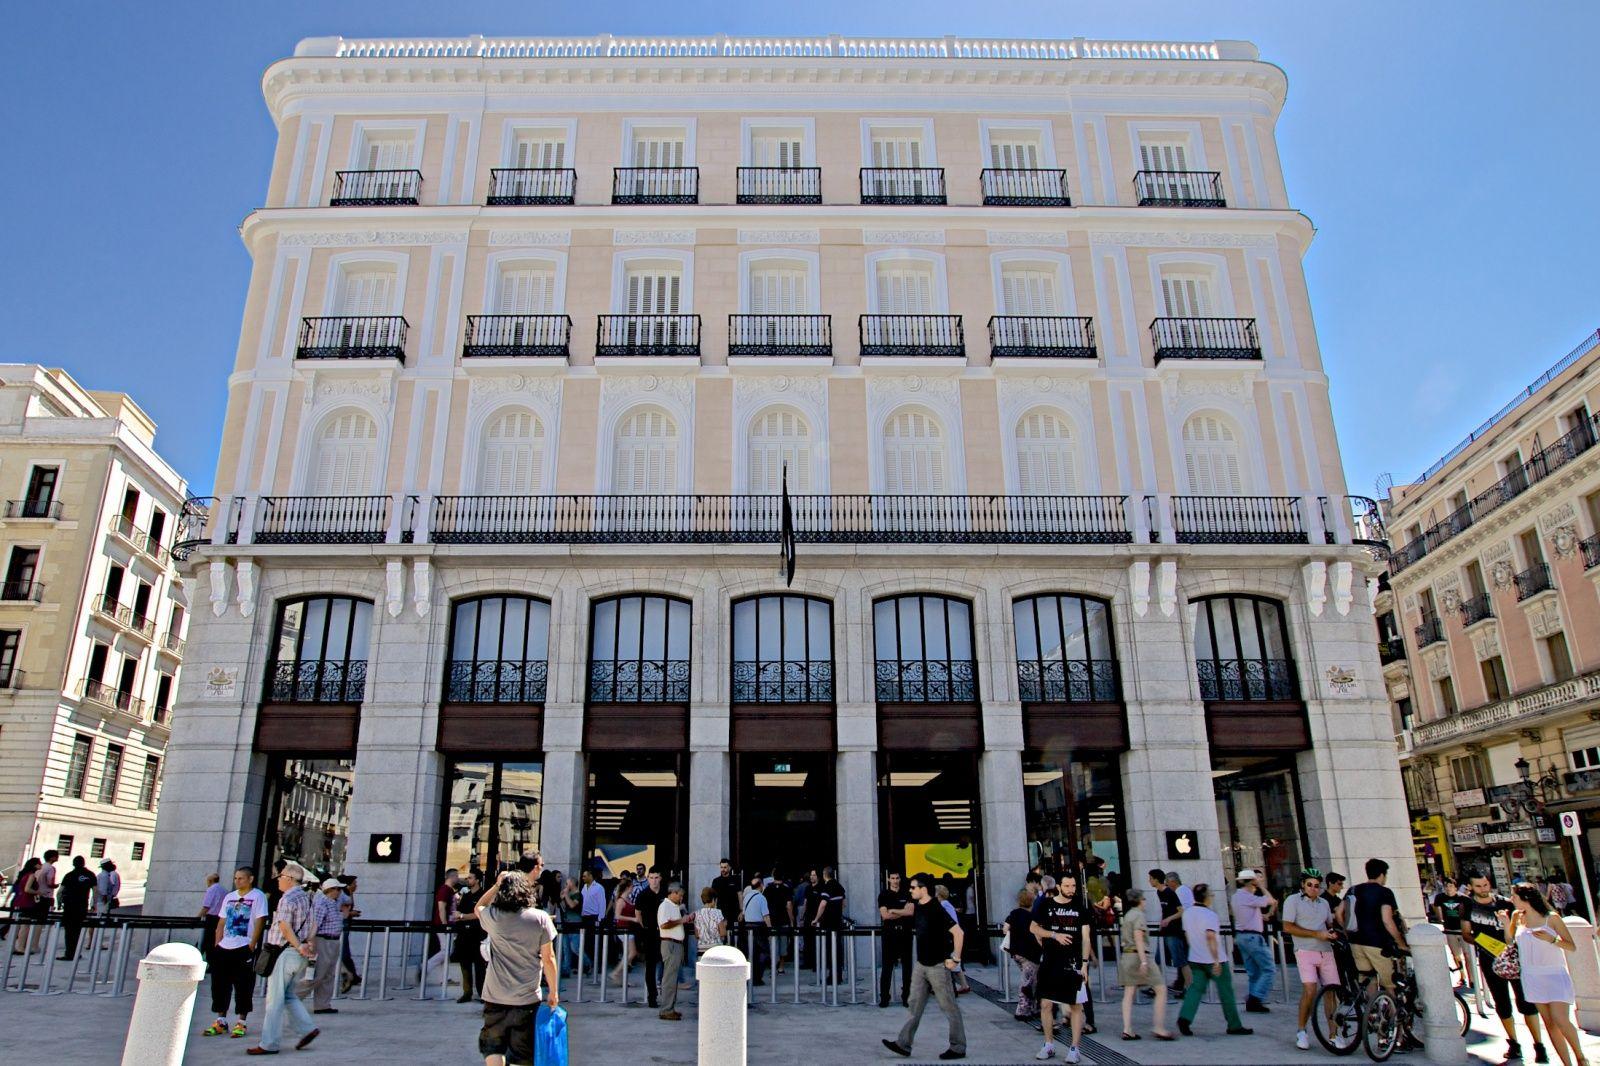 Apple espa a se muda a sus oficinas de la puerta del sol for Puerta del sol en directo ahora